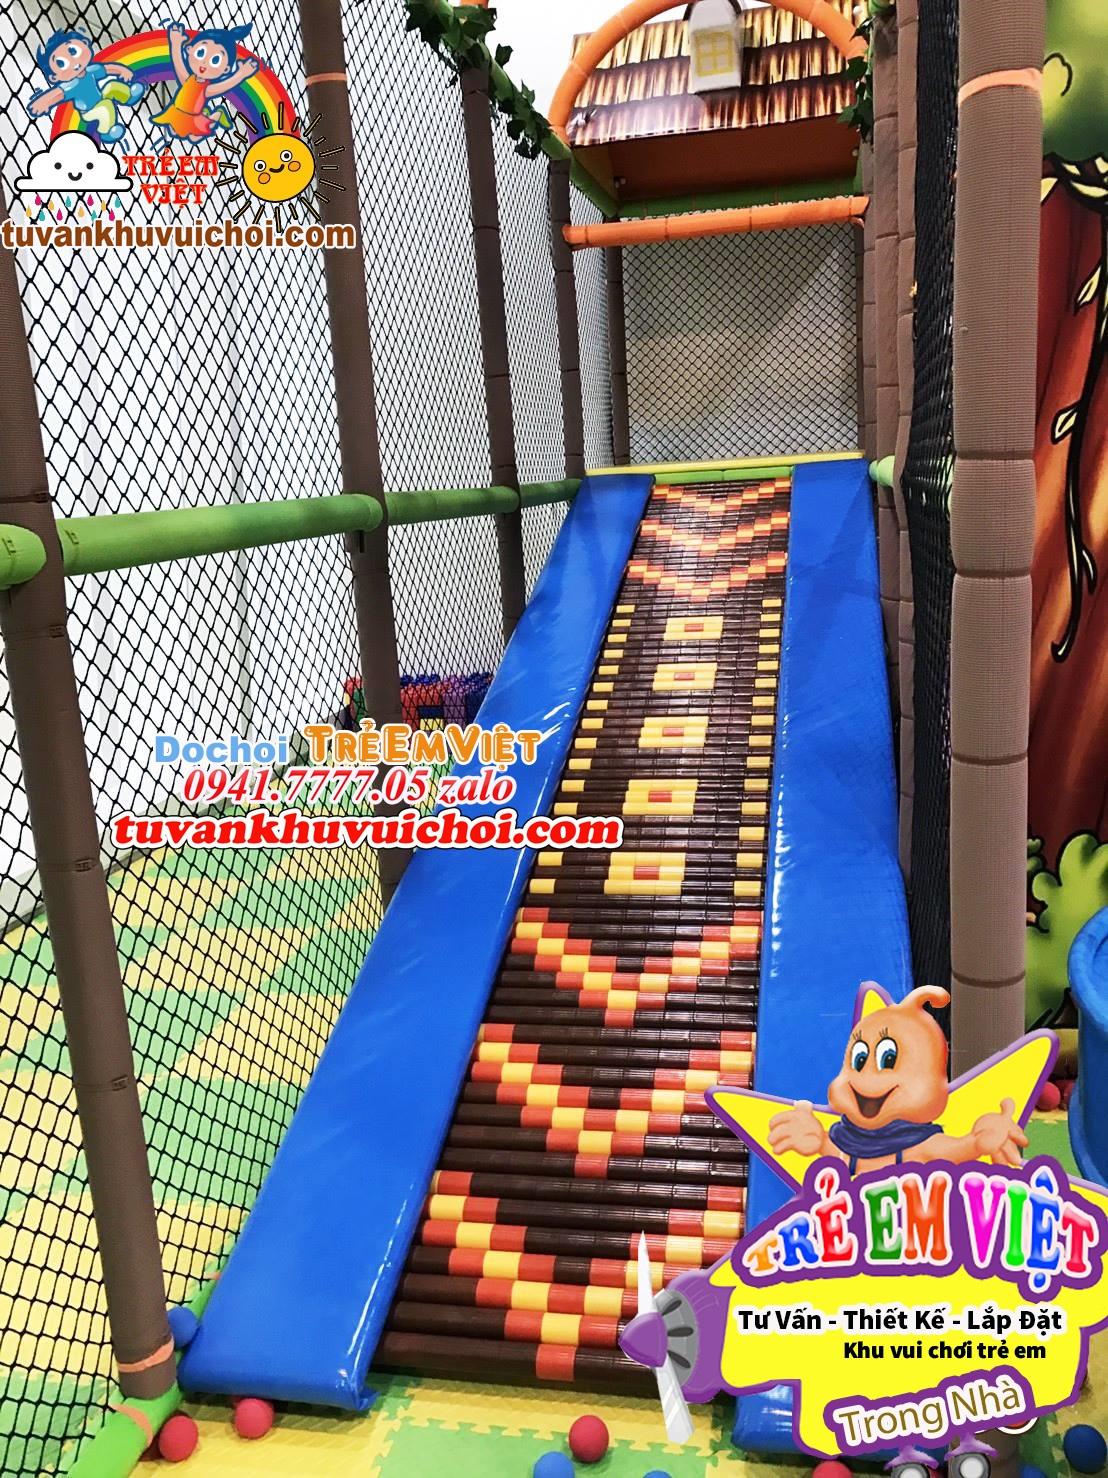 Các loại máng trượt trong khu vui chơi trẻ em.